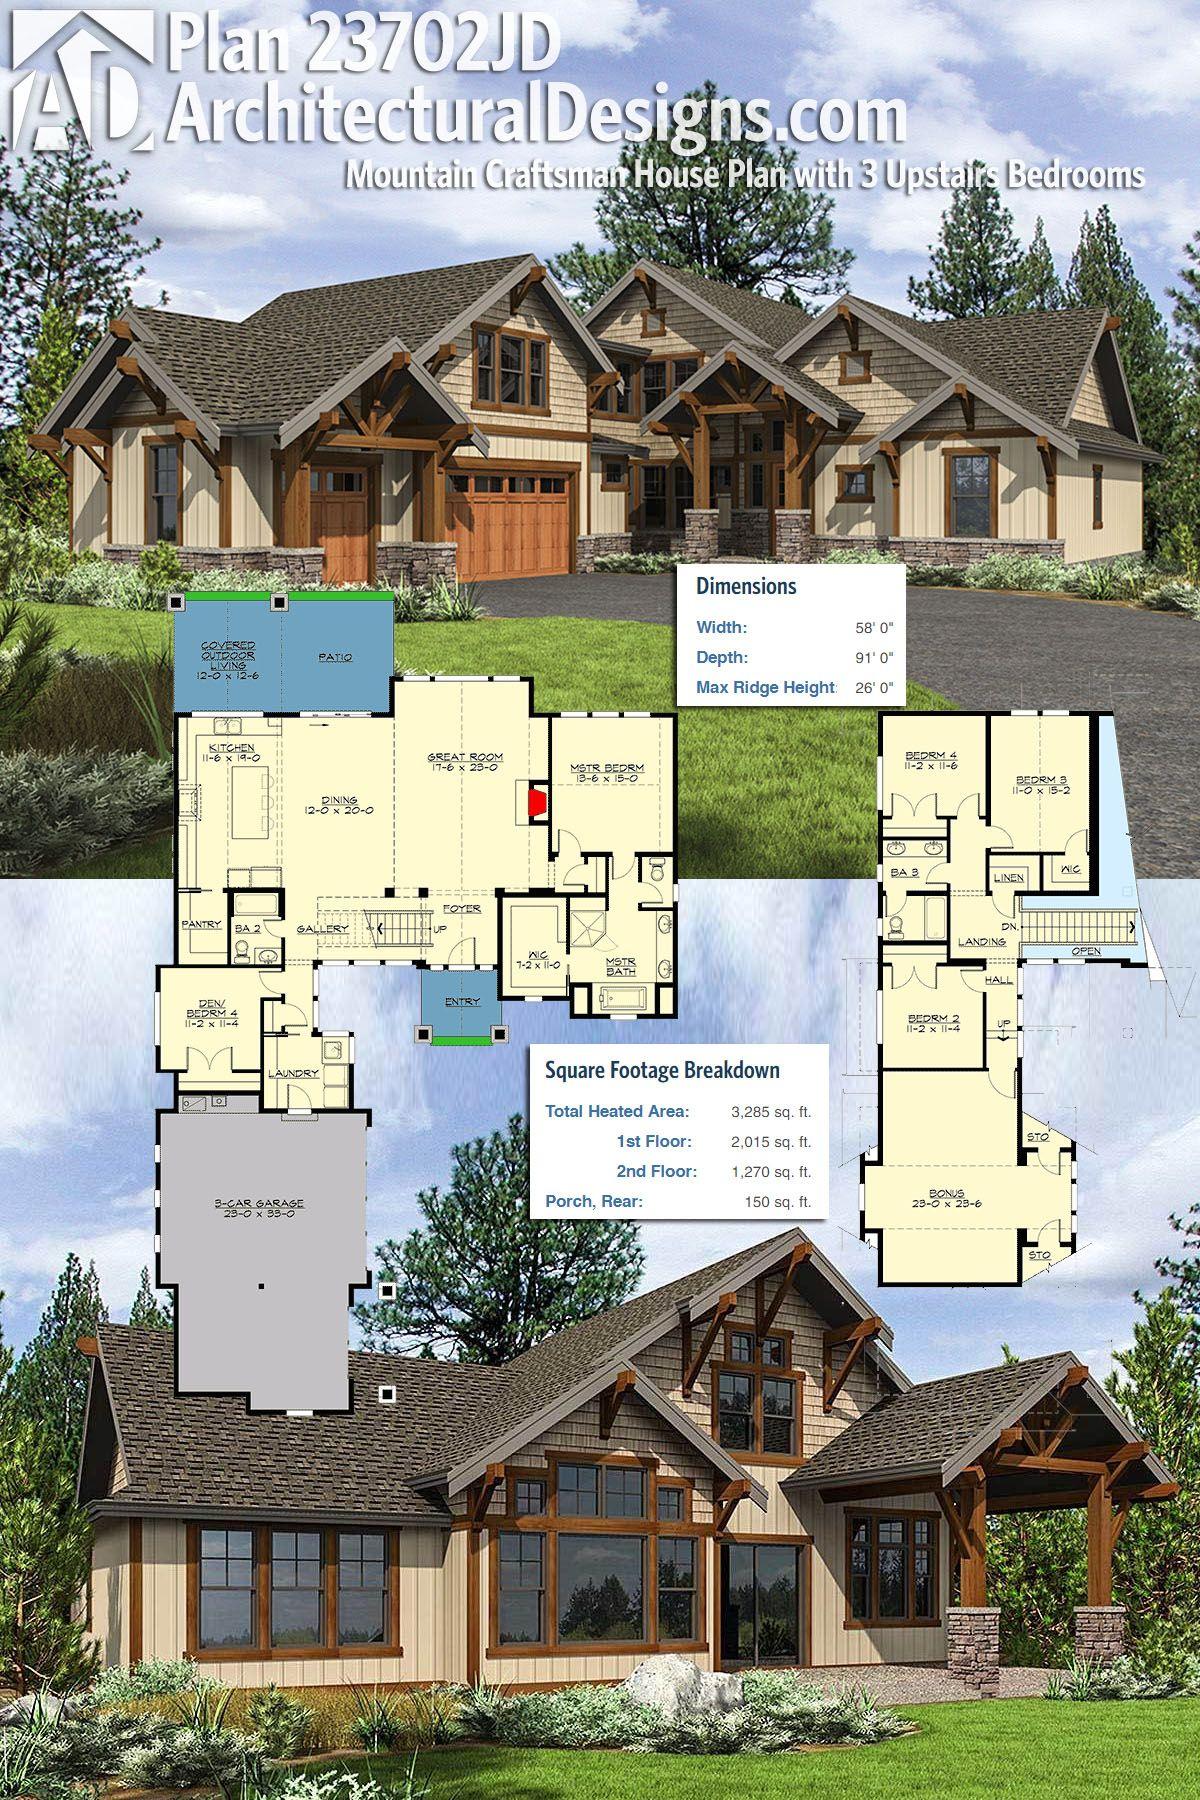 Plan 23702JD: Mountain Craftsman House Plan With 3